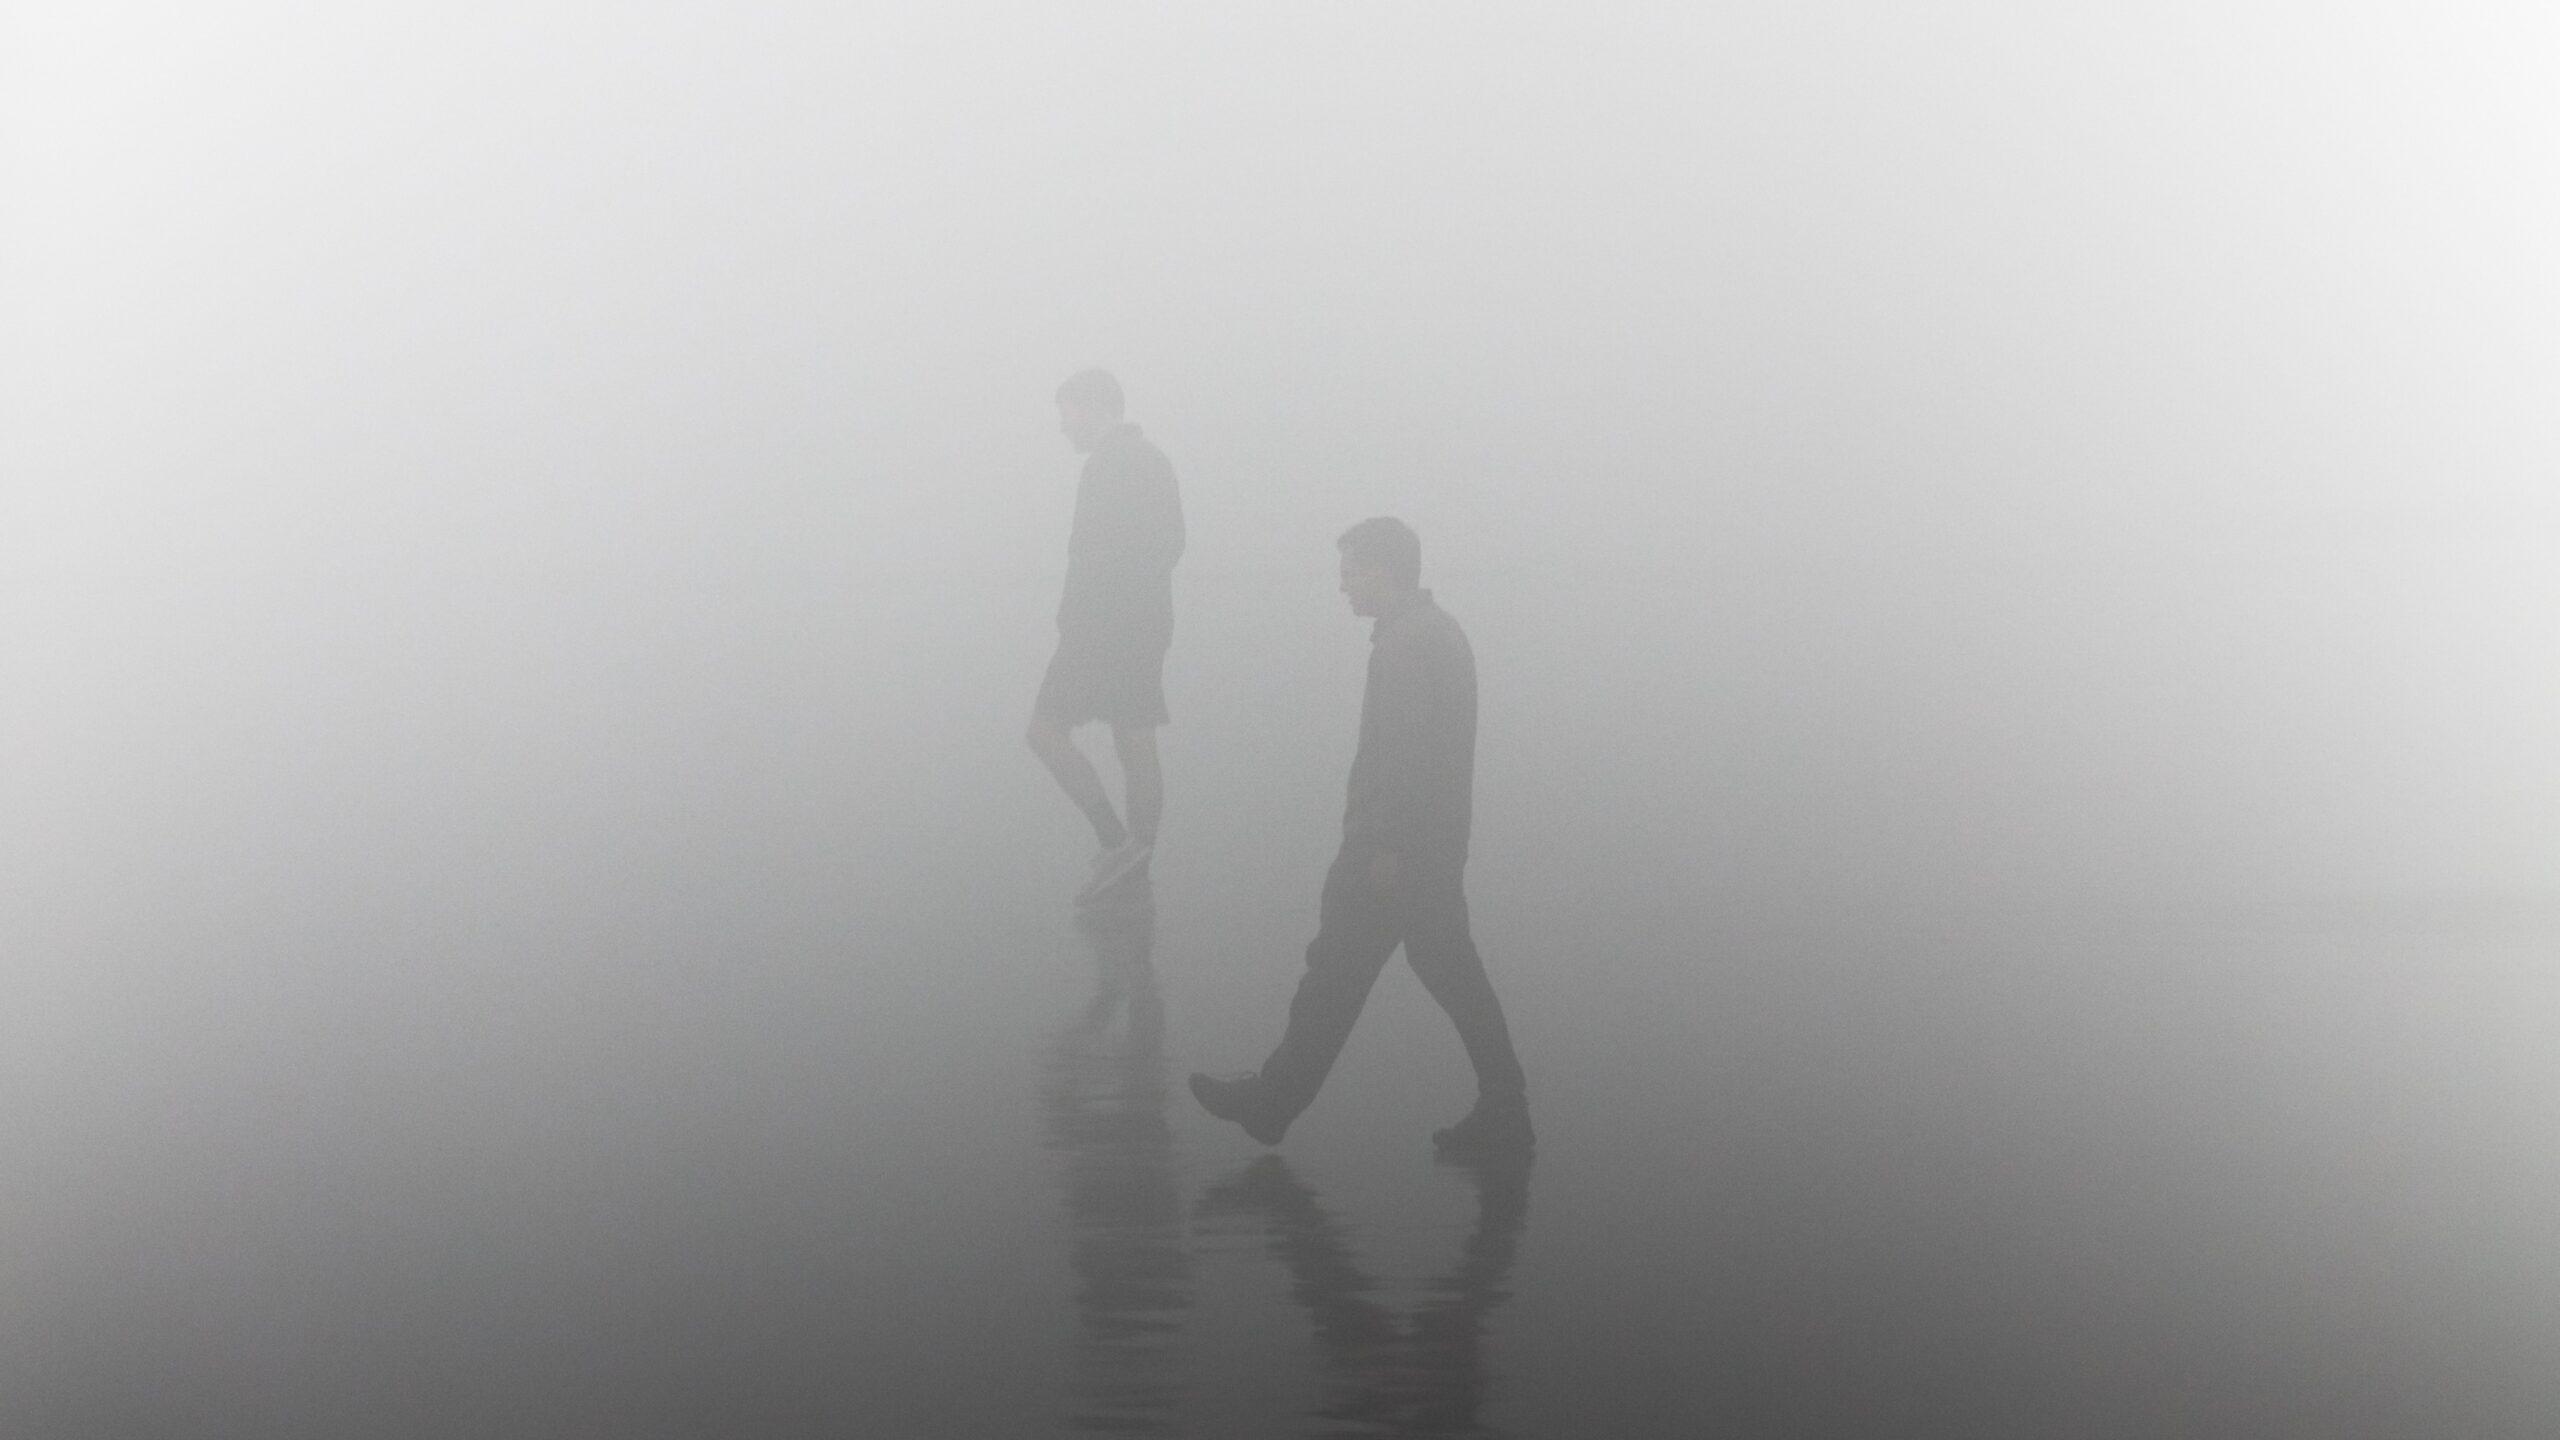 People walking through dense fog